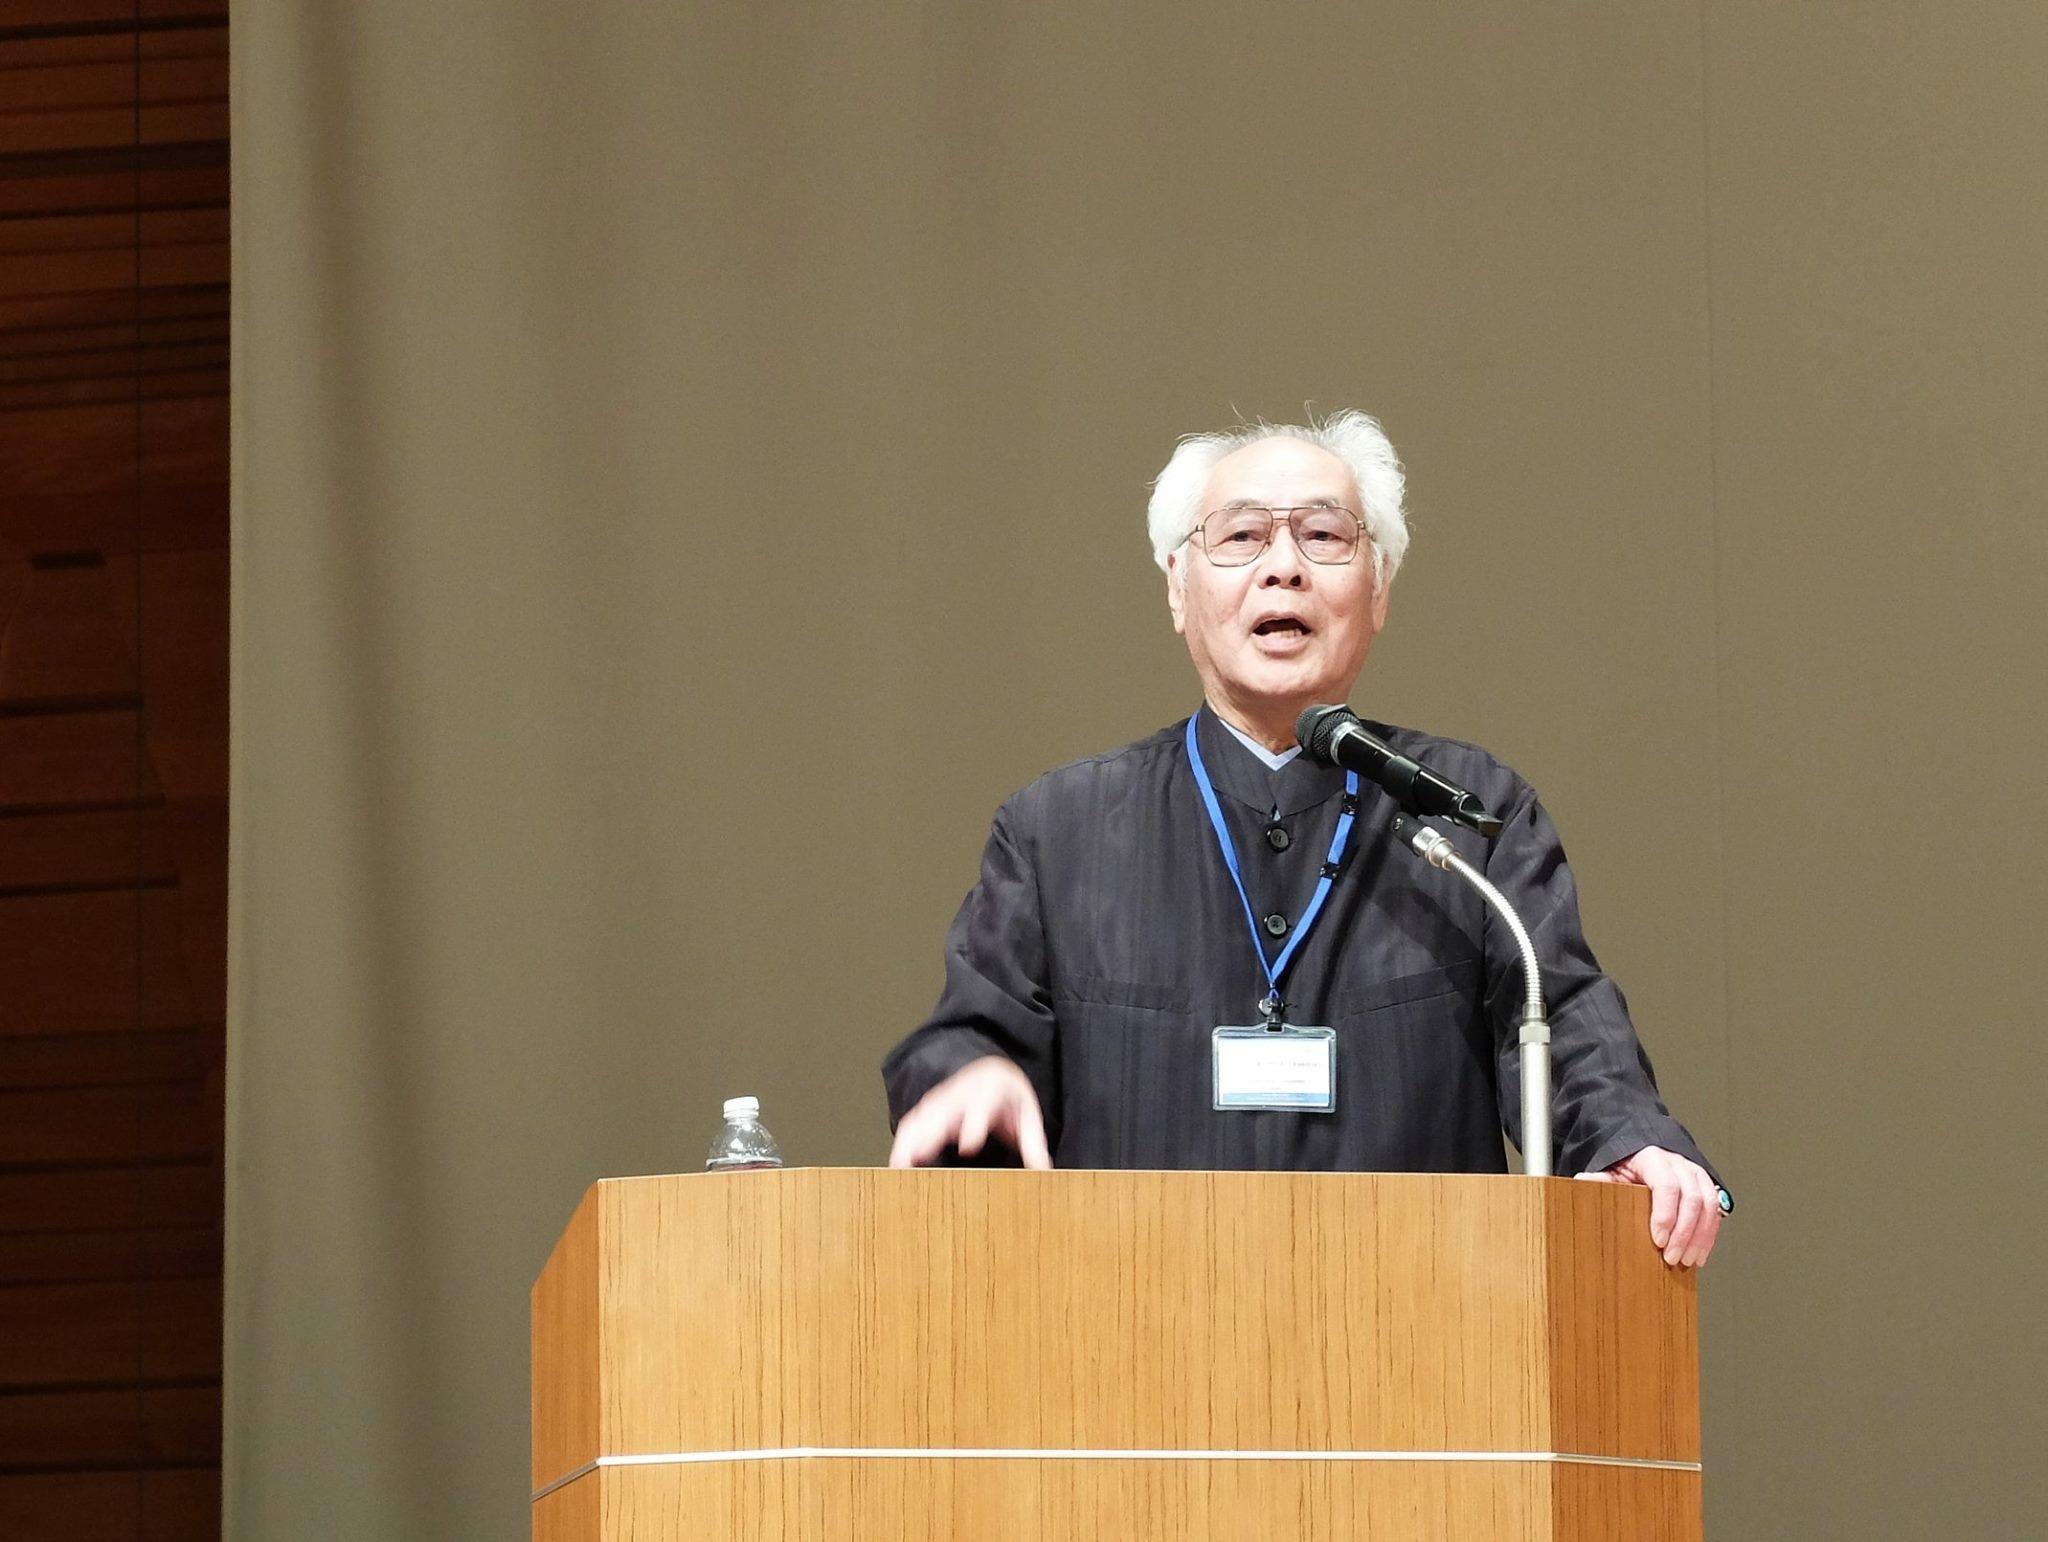 徳丸吉彦先生が第14回木村重信民族藝術学会賞受賞、また国際音楽学会で基調講演